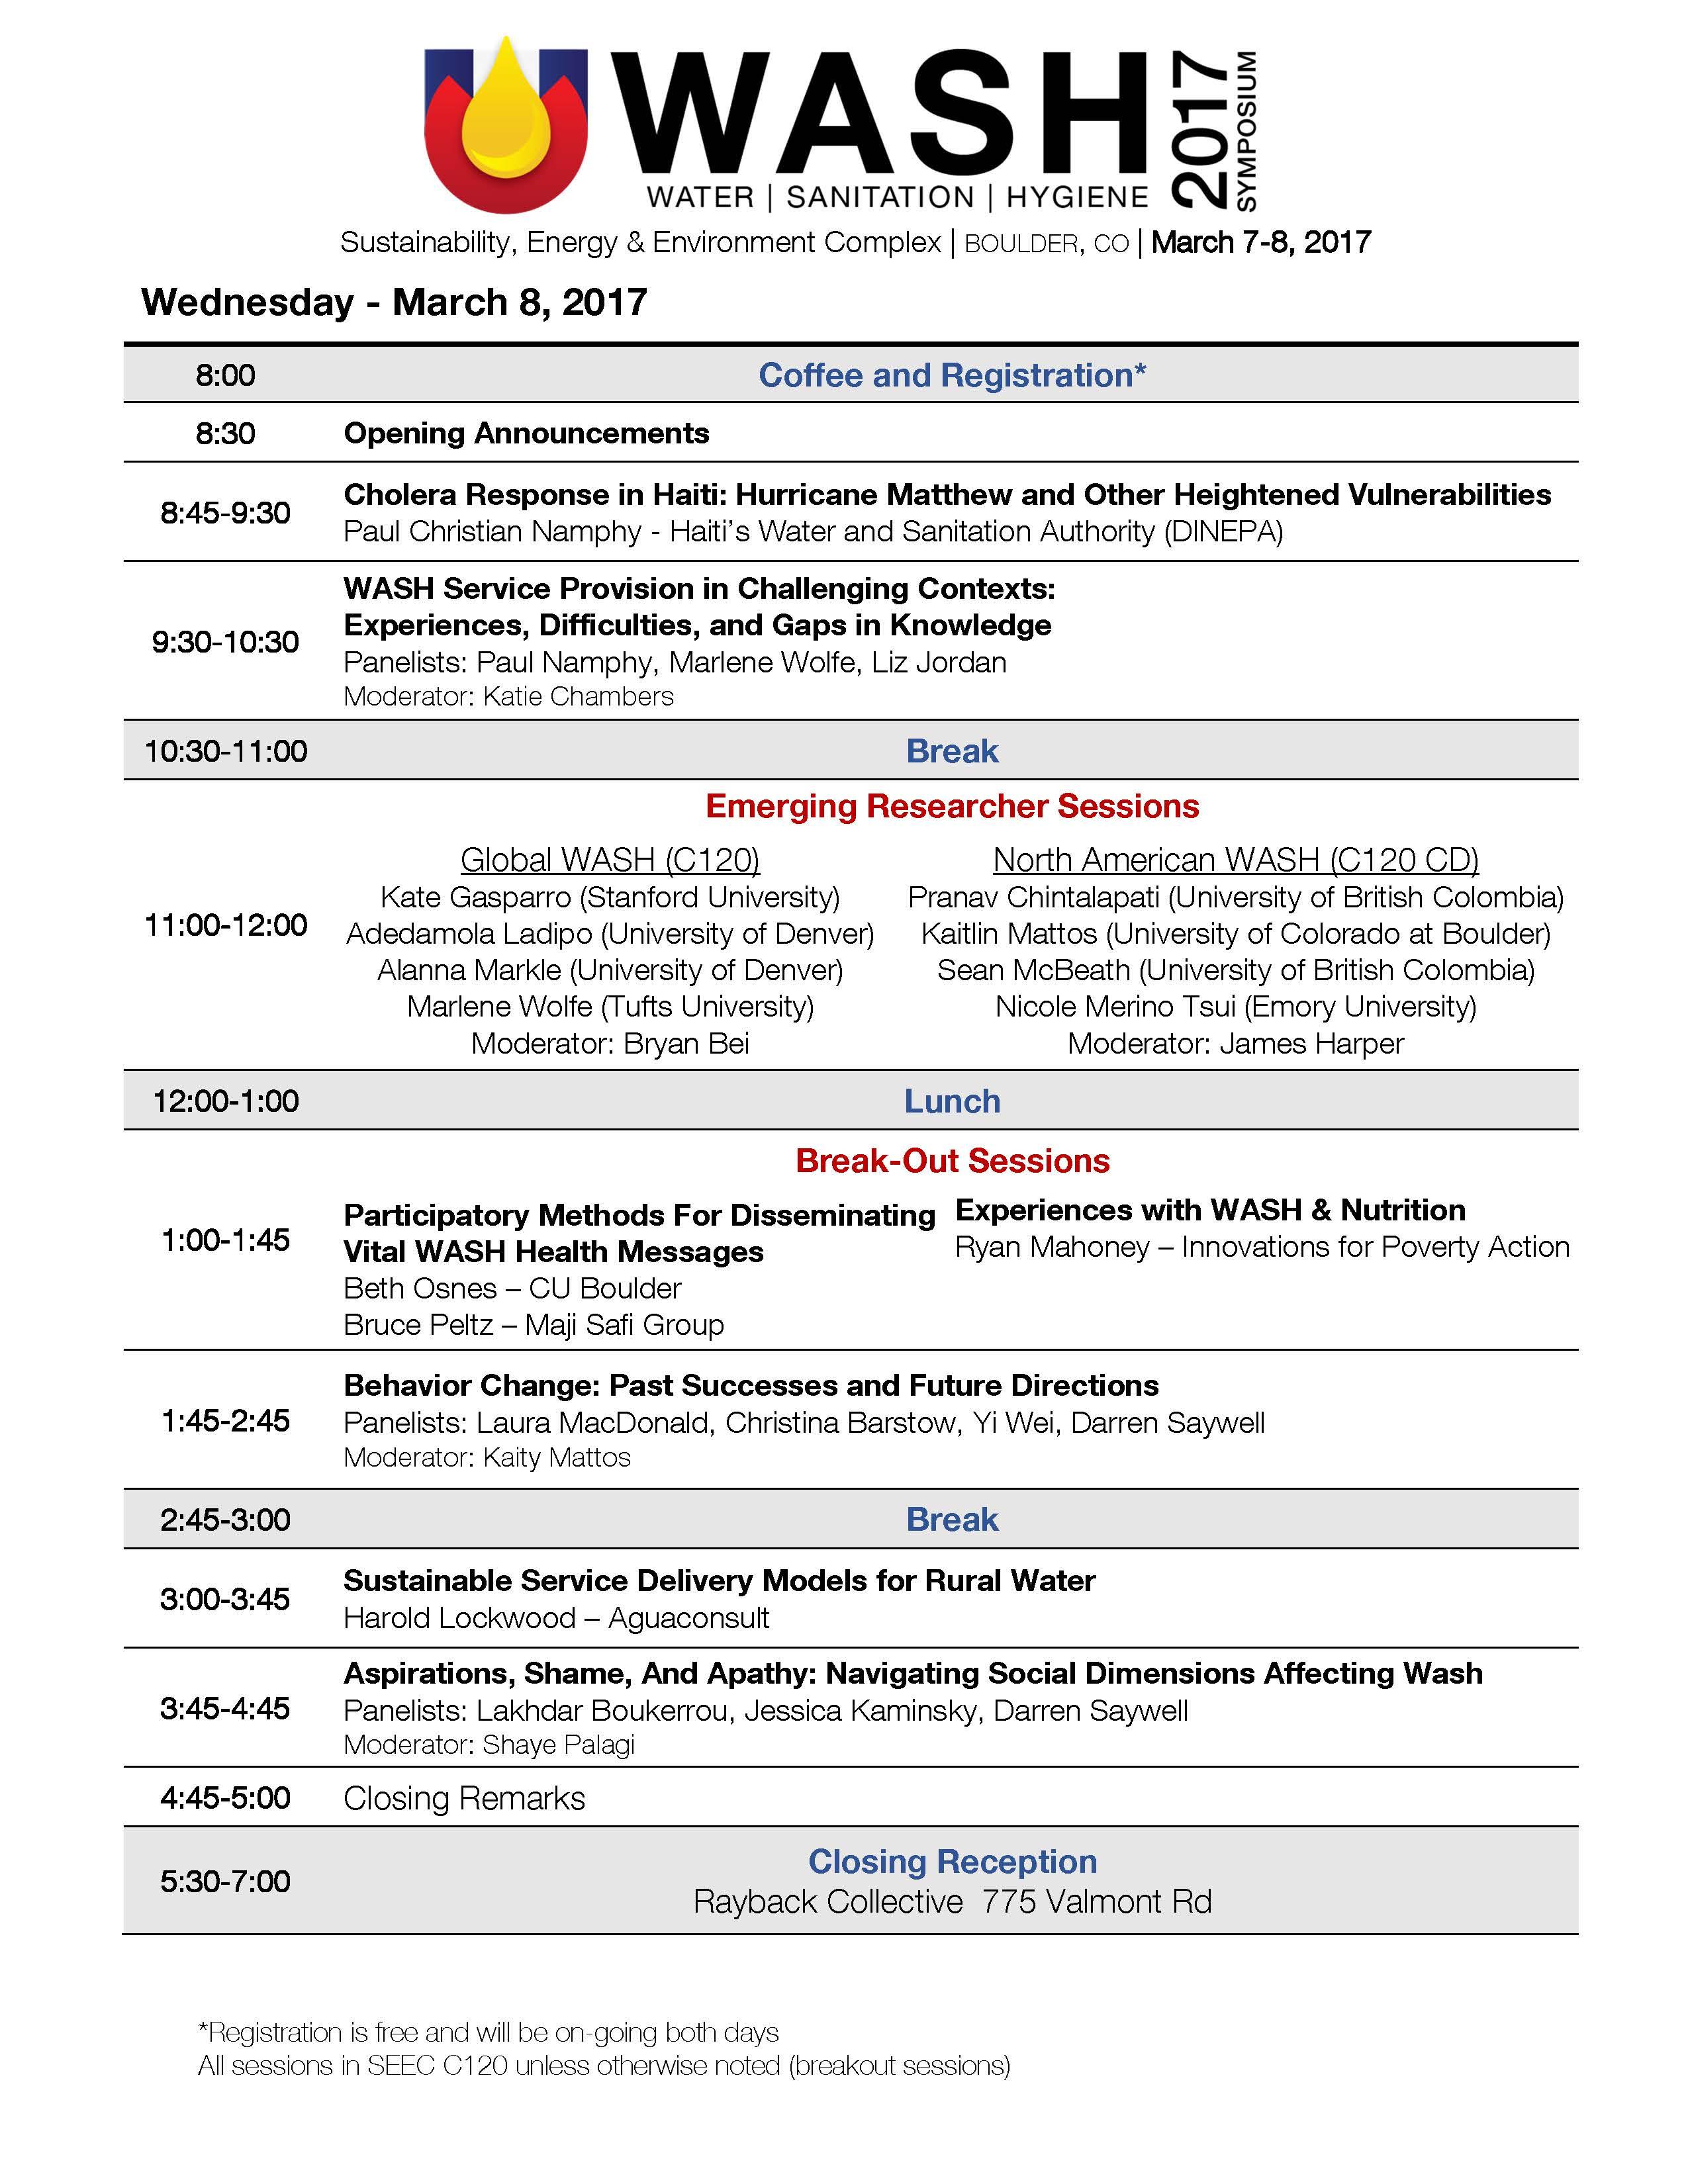 2017 CO WASH Symposium Program pg 2